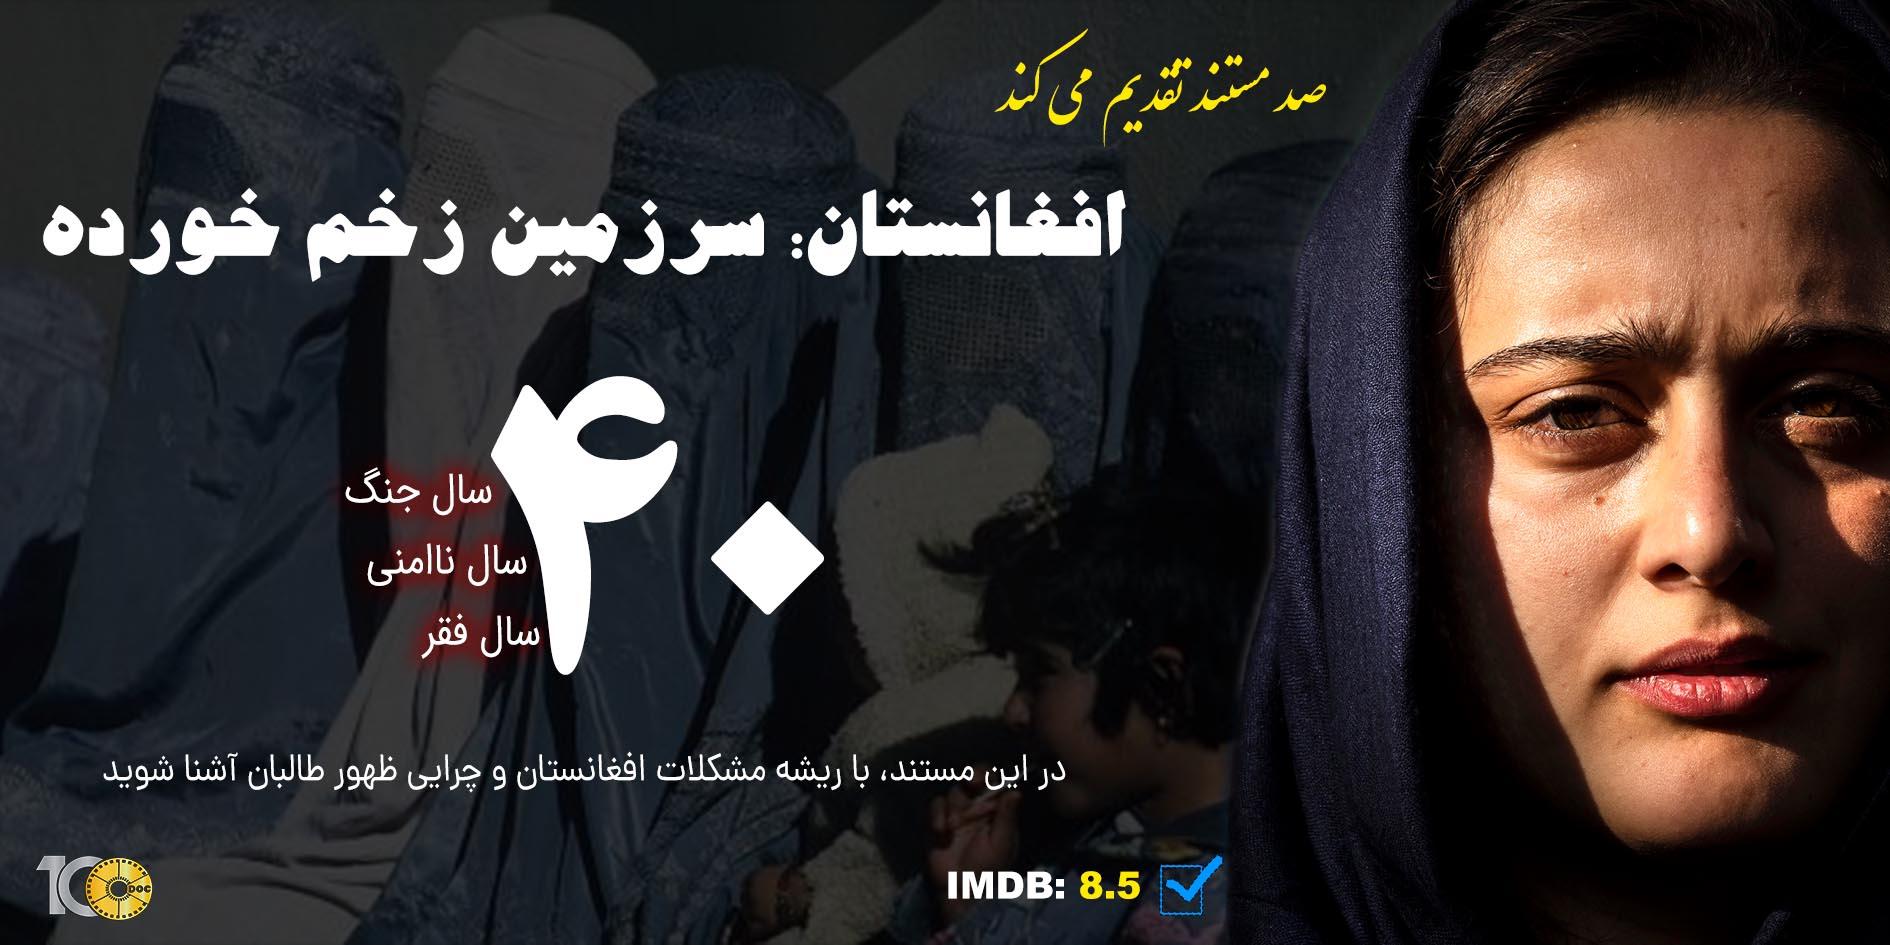 مستند افغانستان: سرزمین زخم خورده